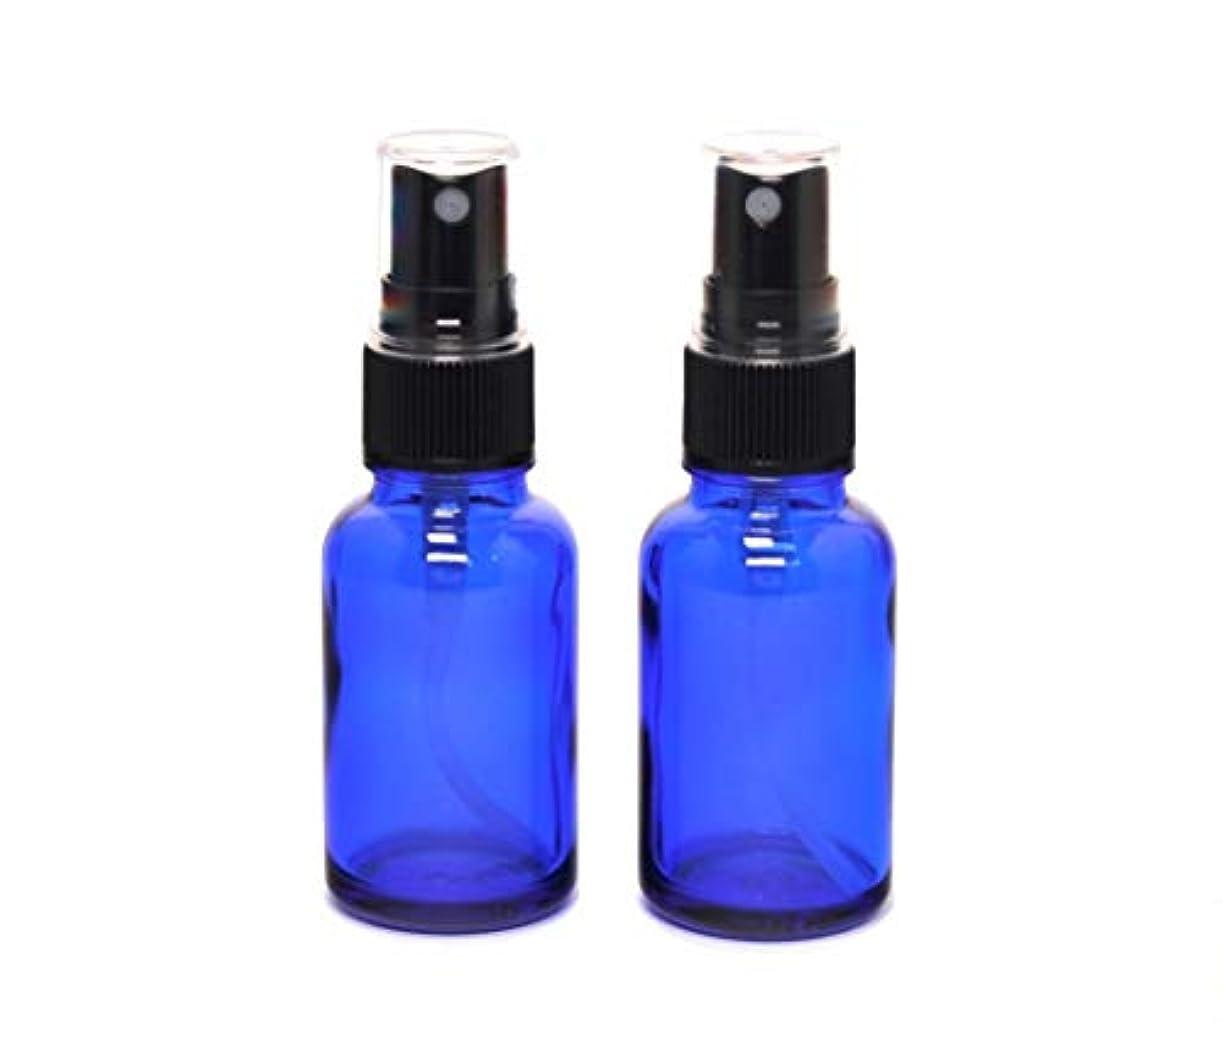 ぐったりタイプ公遮光瓶 蓄圧式ミストのスプレーボトル 30ml コバルトブルー / ( 硝子製?アトマイザー )ブラックヘッド × 2本セット